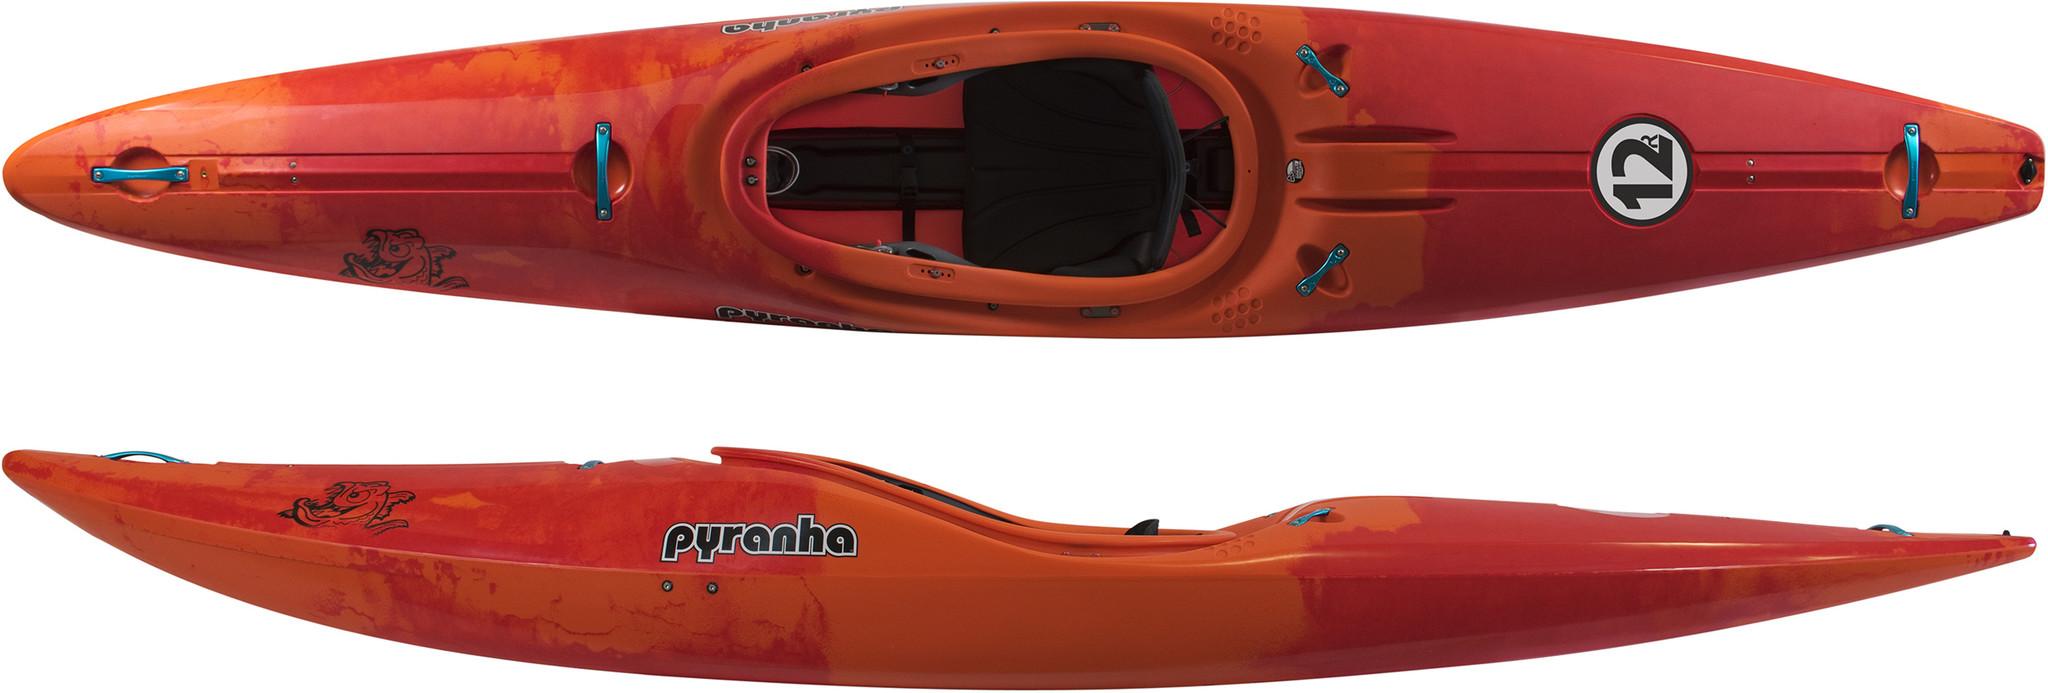 Pyranha Pyranha 12R